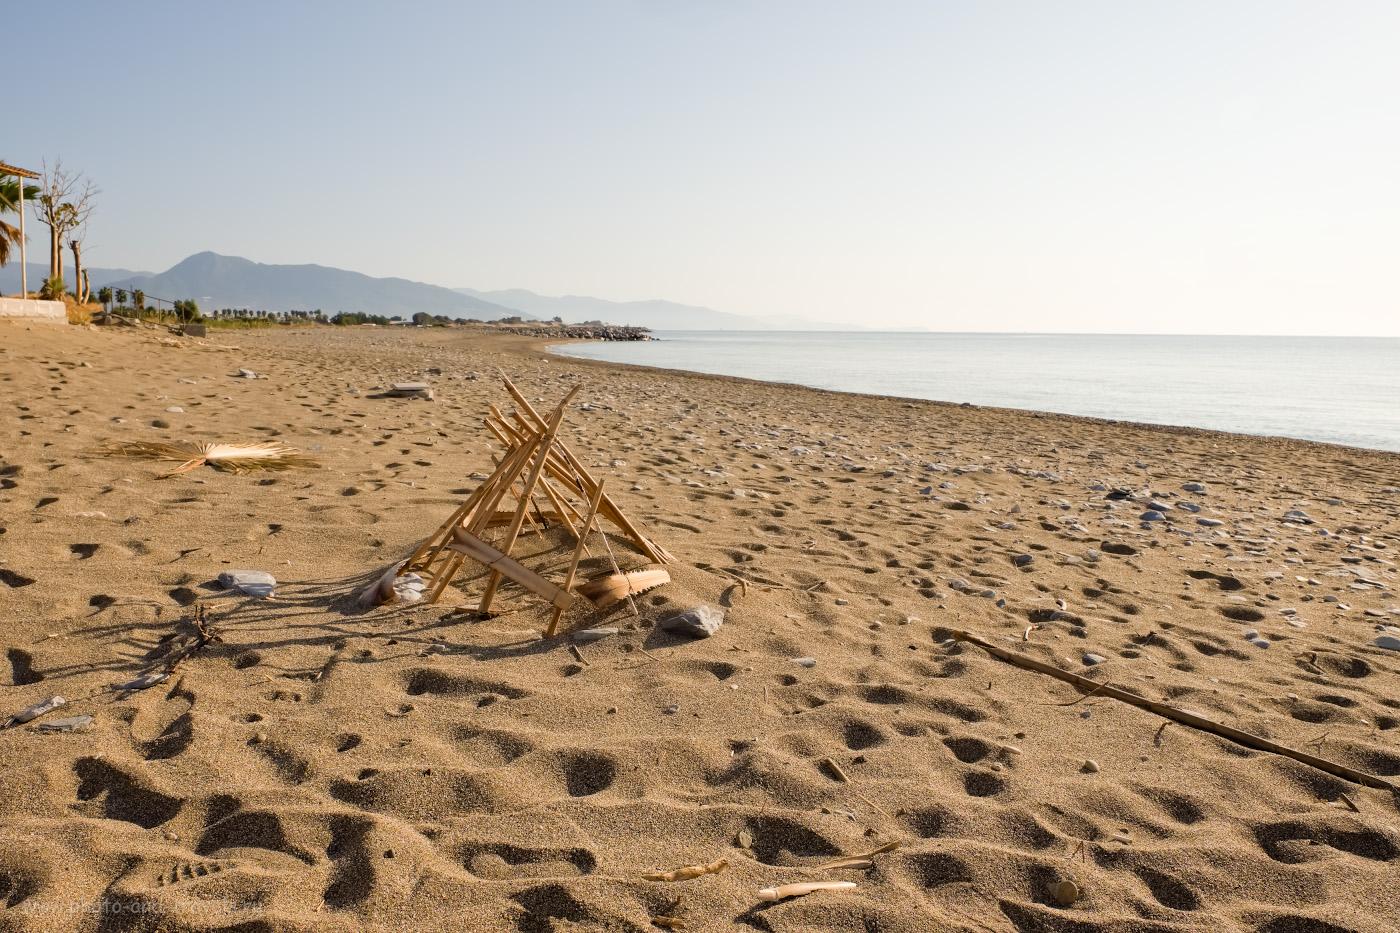 Фотография 19. Пляж в Анамуре. Место, которое нам понравилось больше, чем Чиралы. 1/750, 8.0, 200, -0.33, 17.